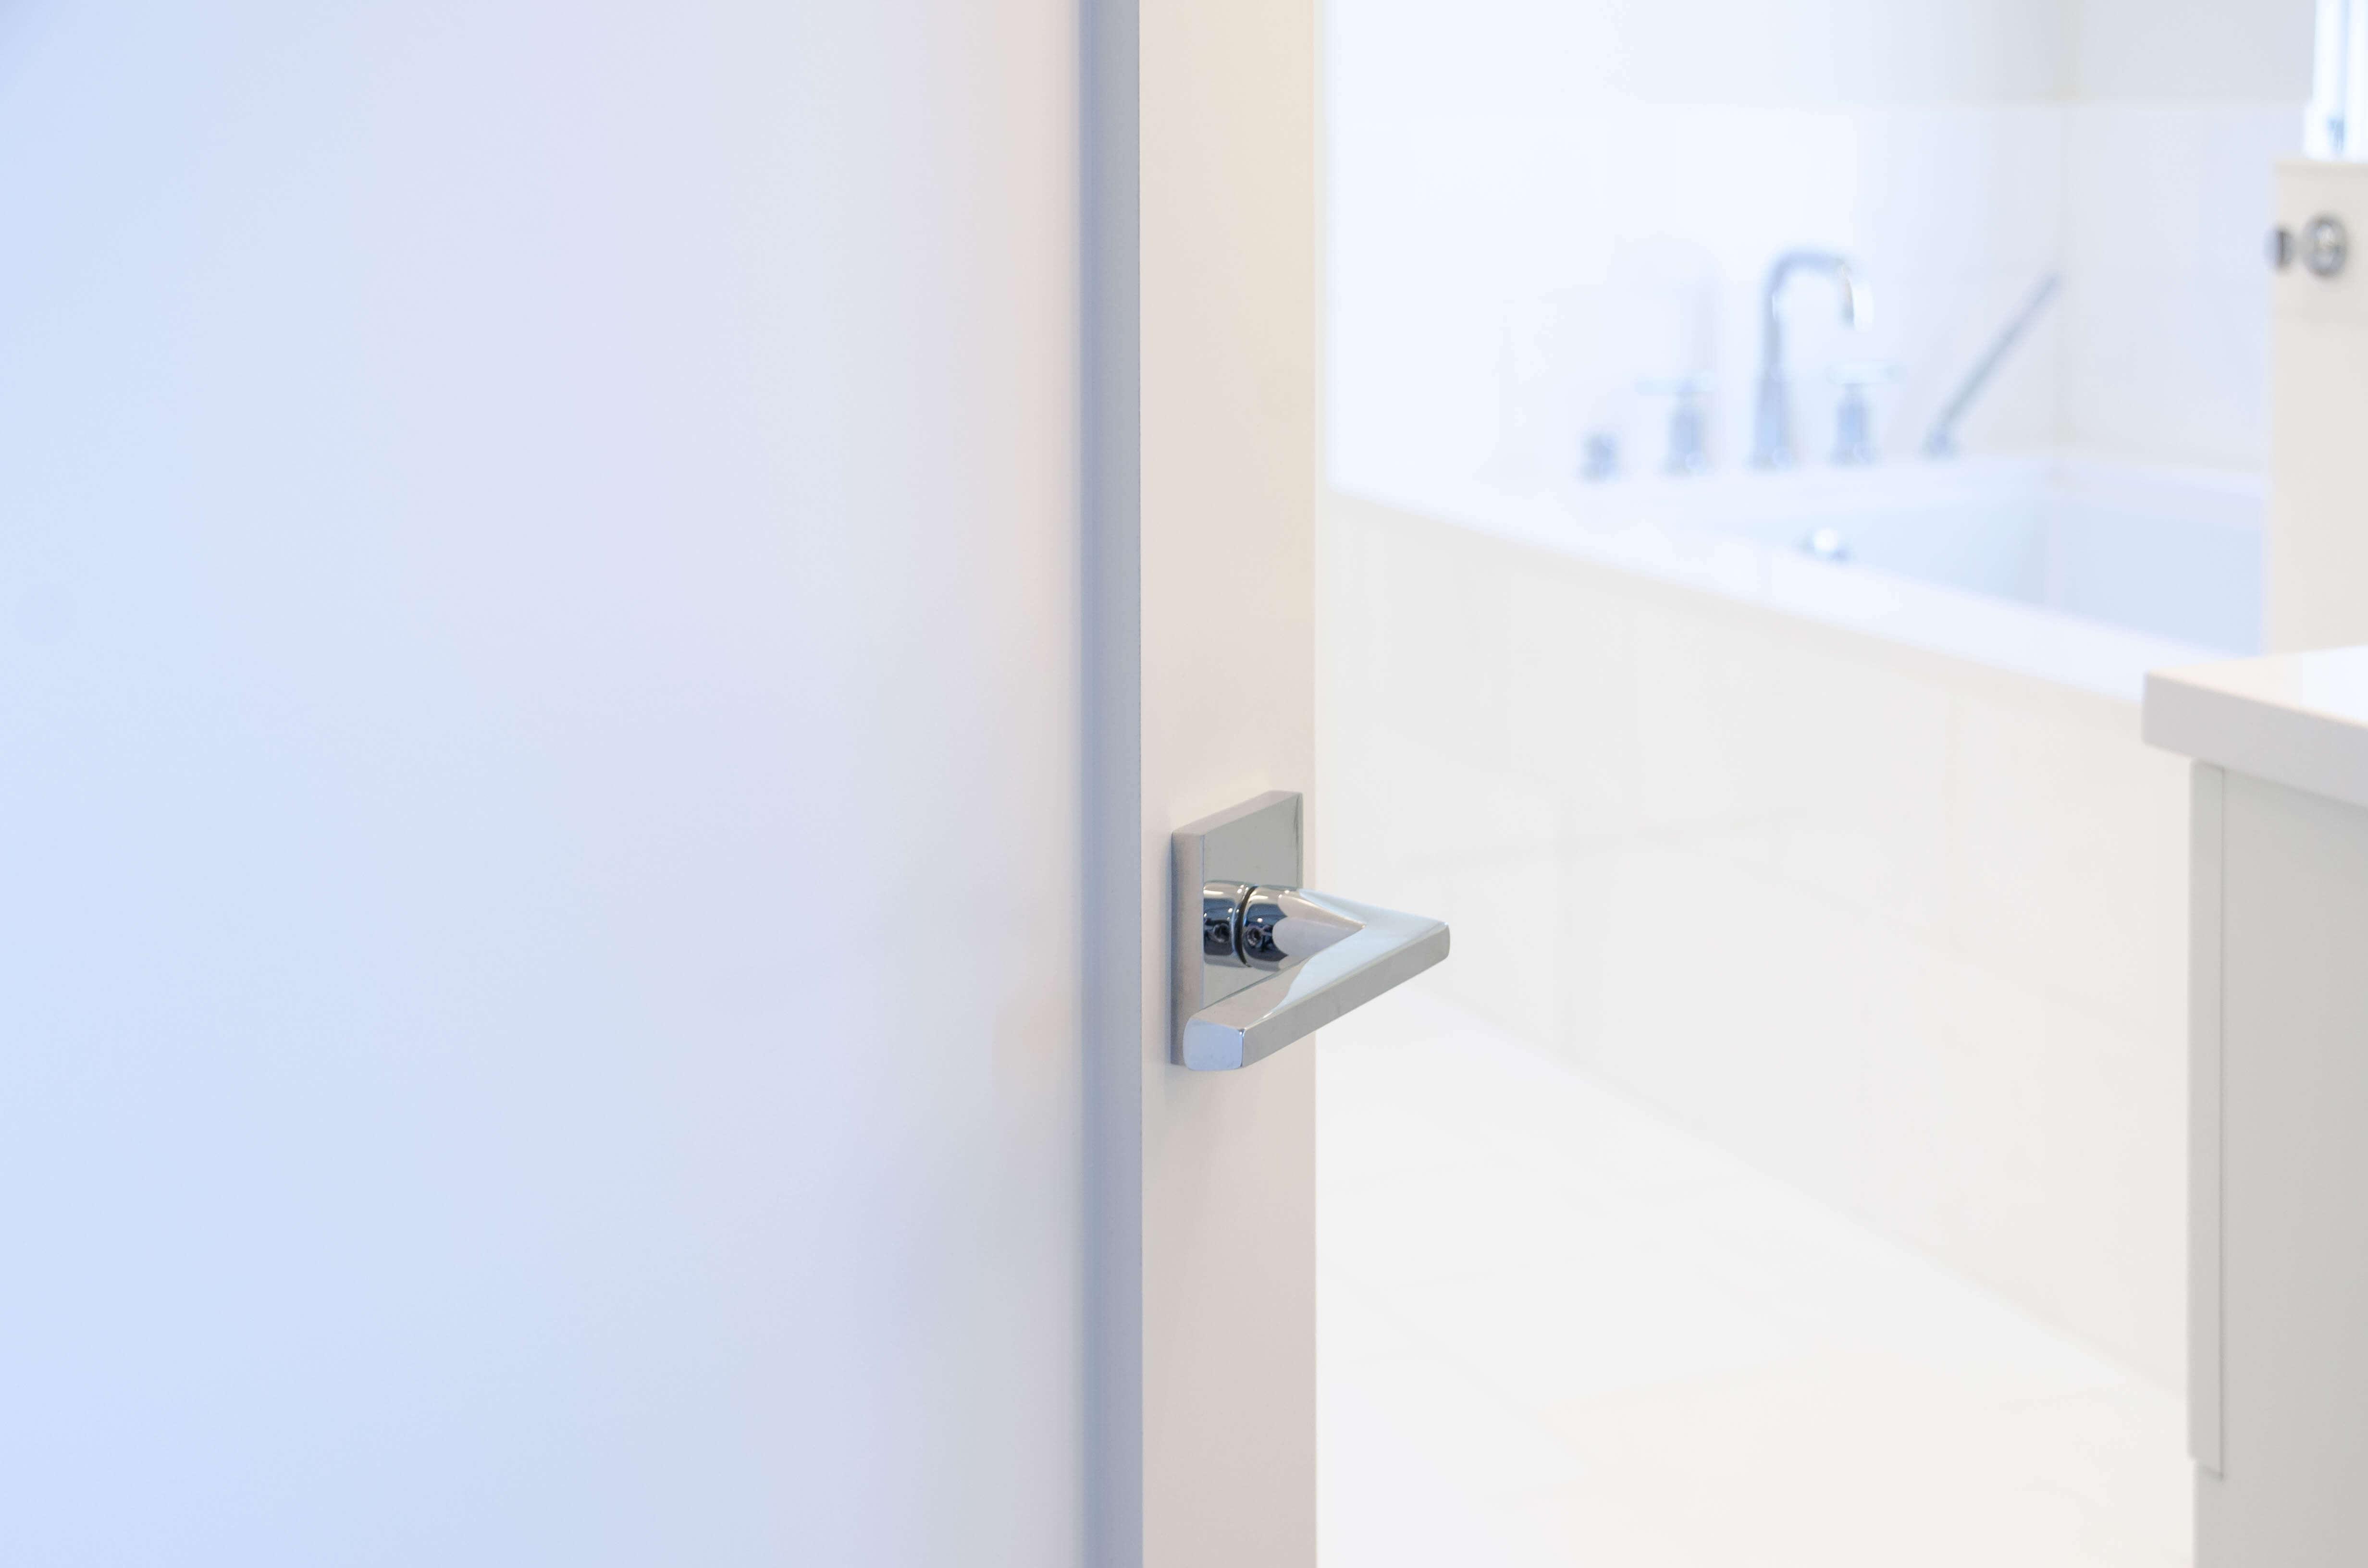 pinterest beautiful door sliding bypass doors of closet barn latch hardware bestdeas stall